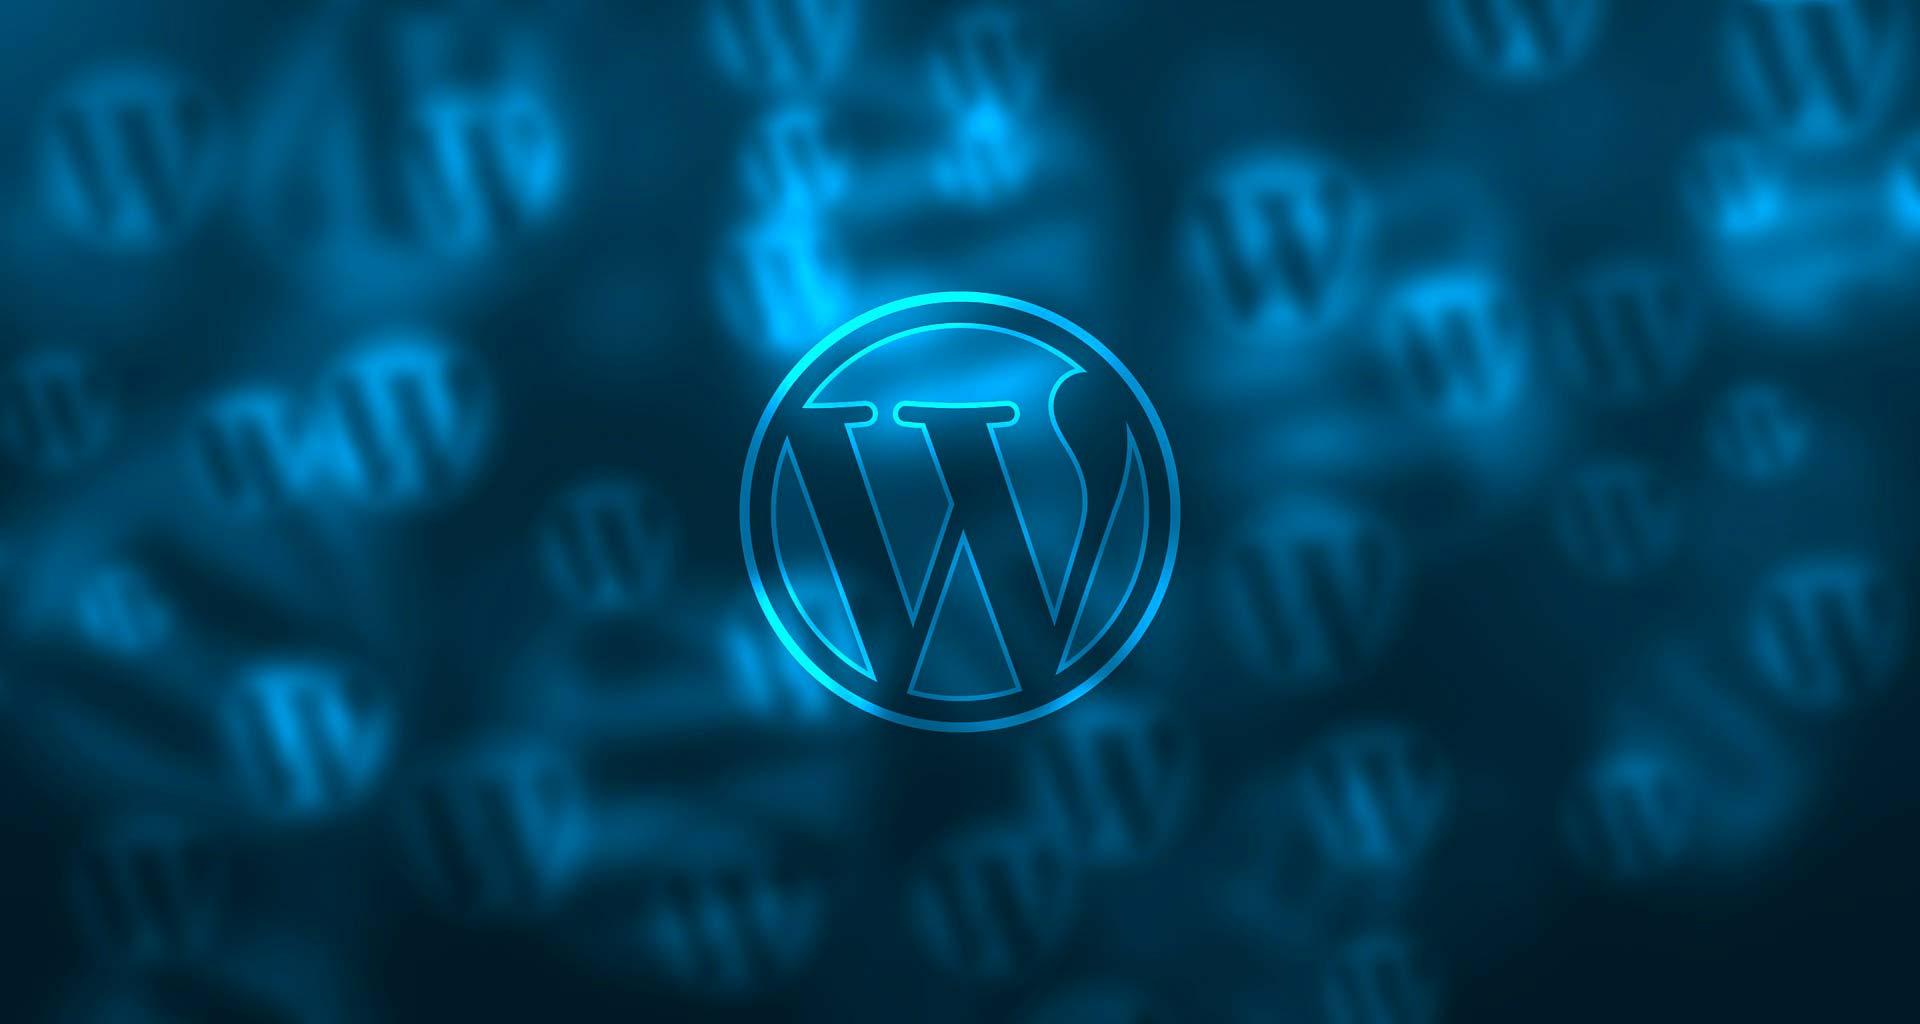 Sito web o blog: dove è meglio investire?